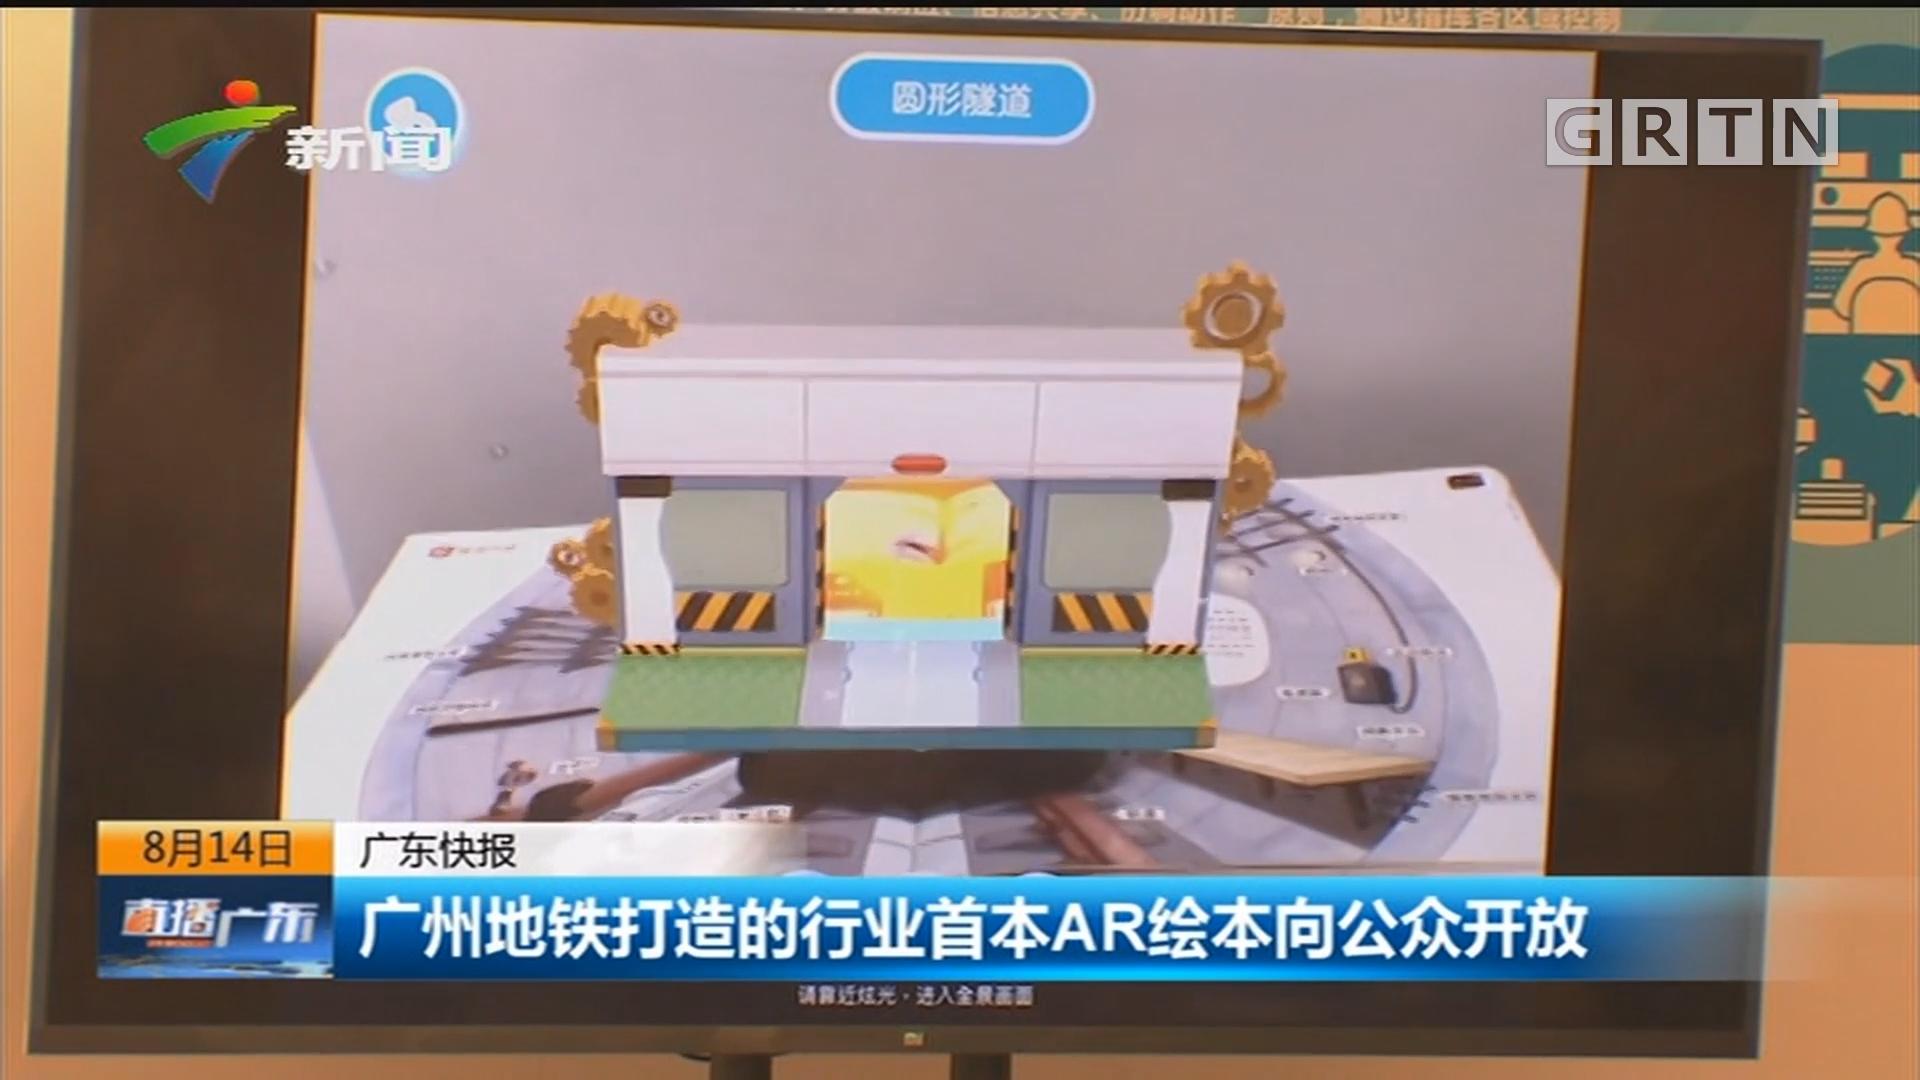 广州地铁打造的行业首本AR绘本向公众开放